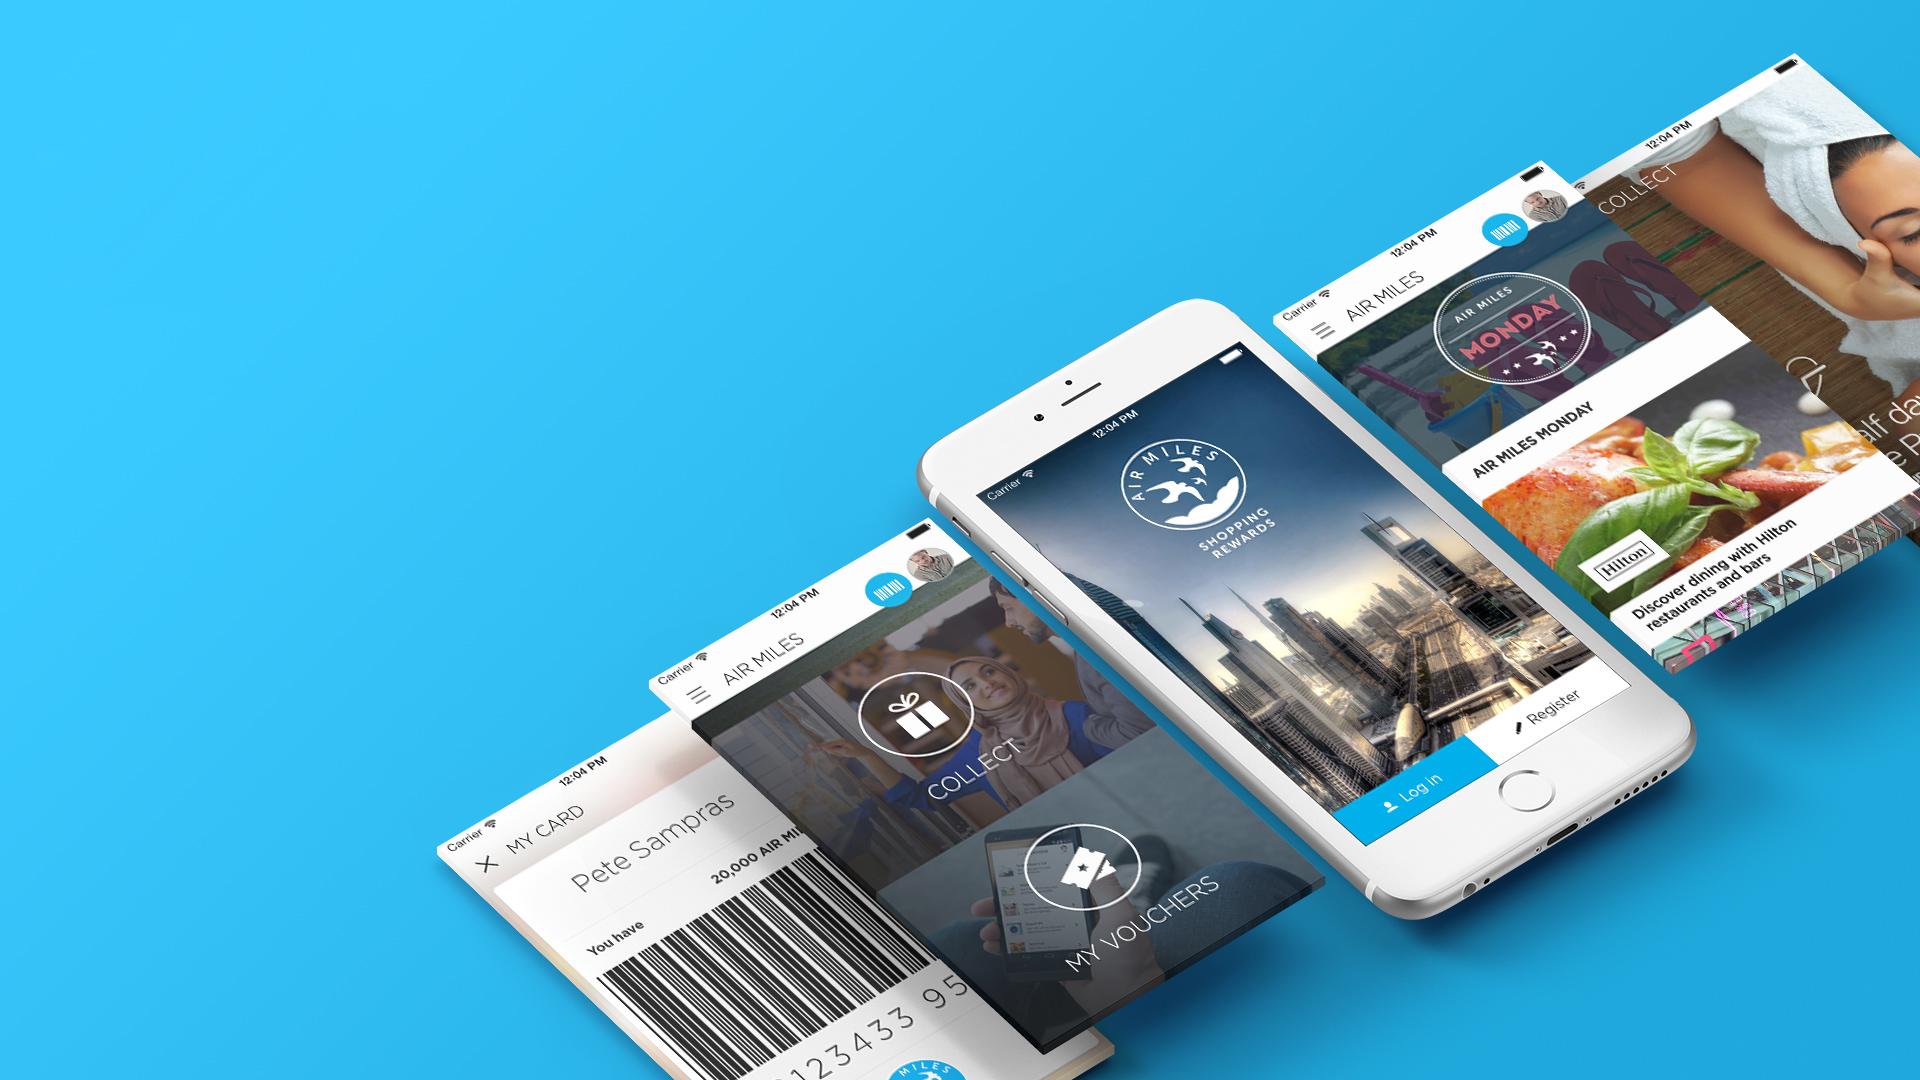 airmiles_app